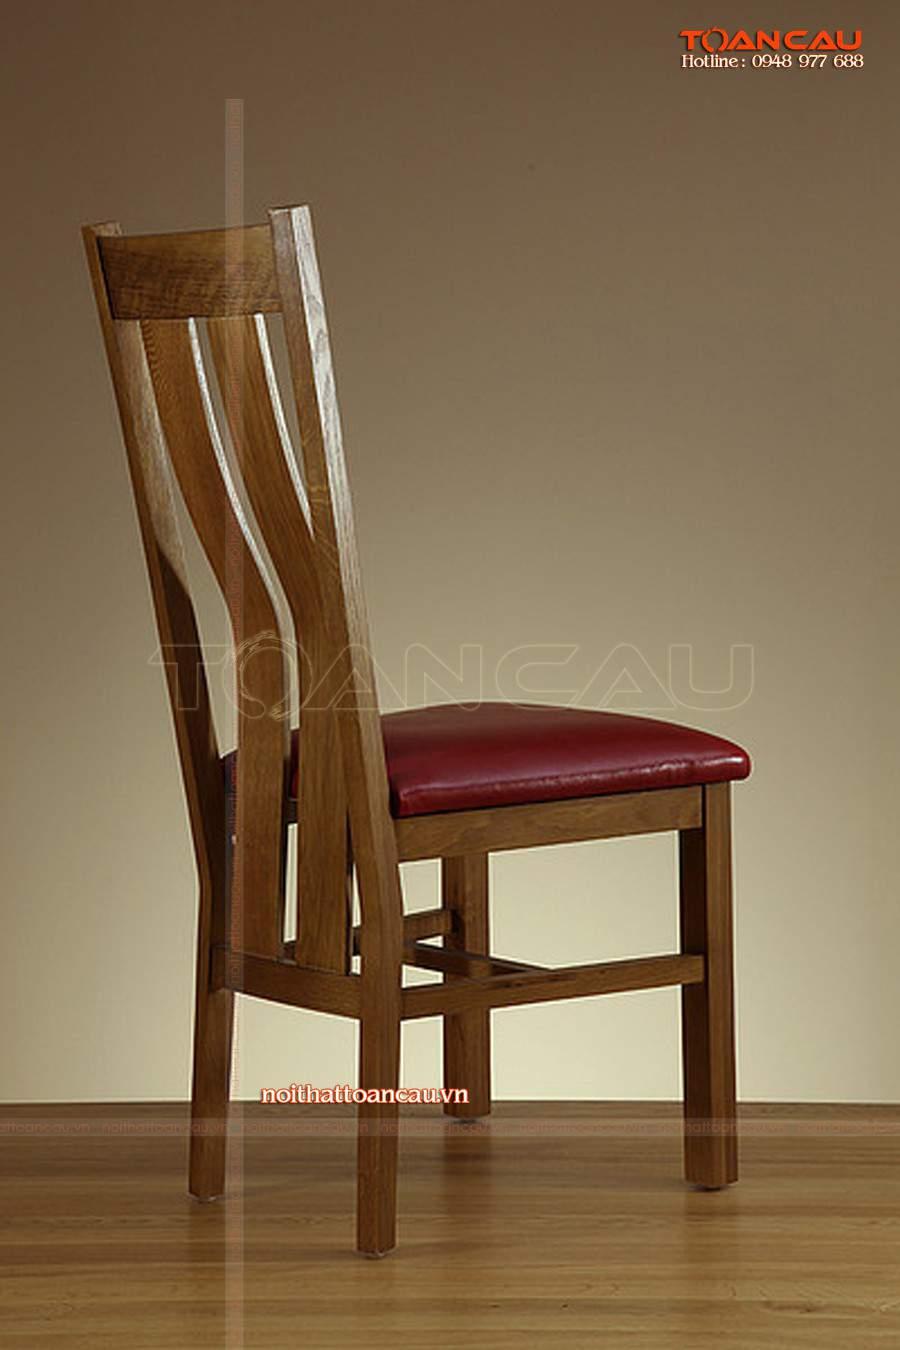 Ghế gỗ ngồi thiết kế cách điệu